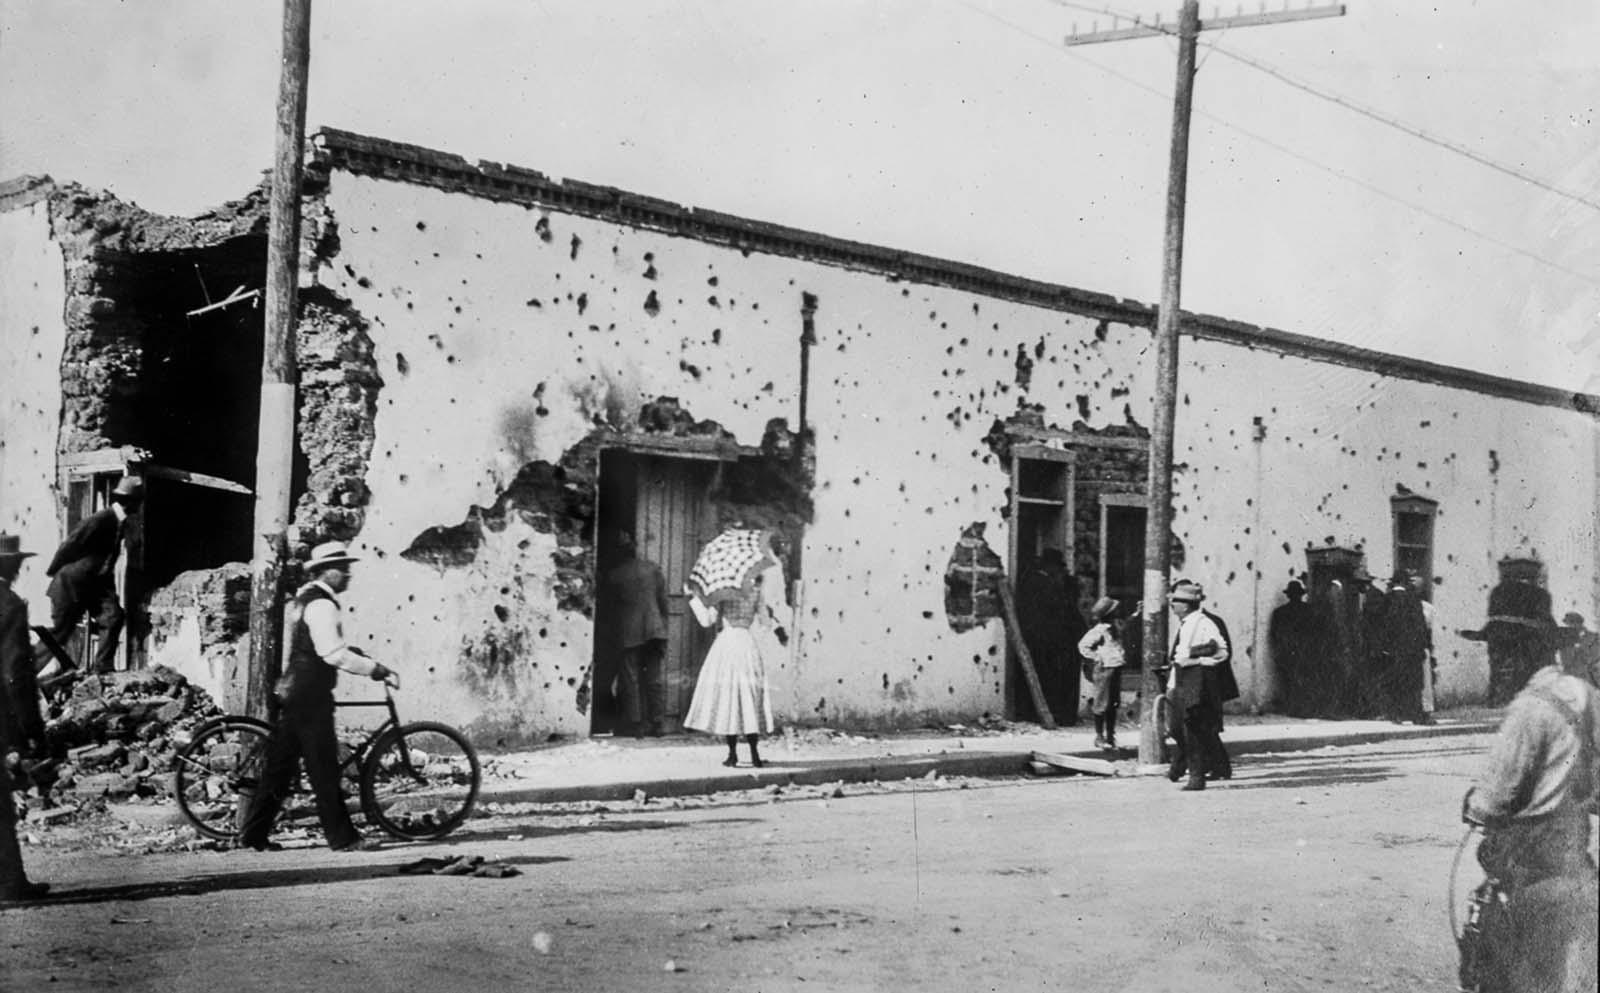 Ciudad Juárez residents explore a battle-damaged street.